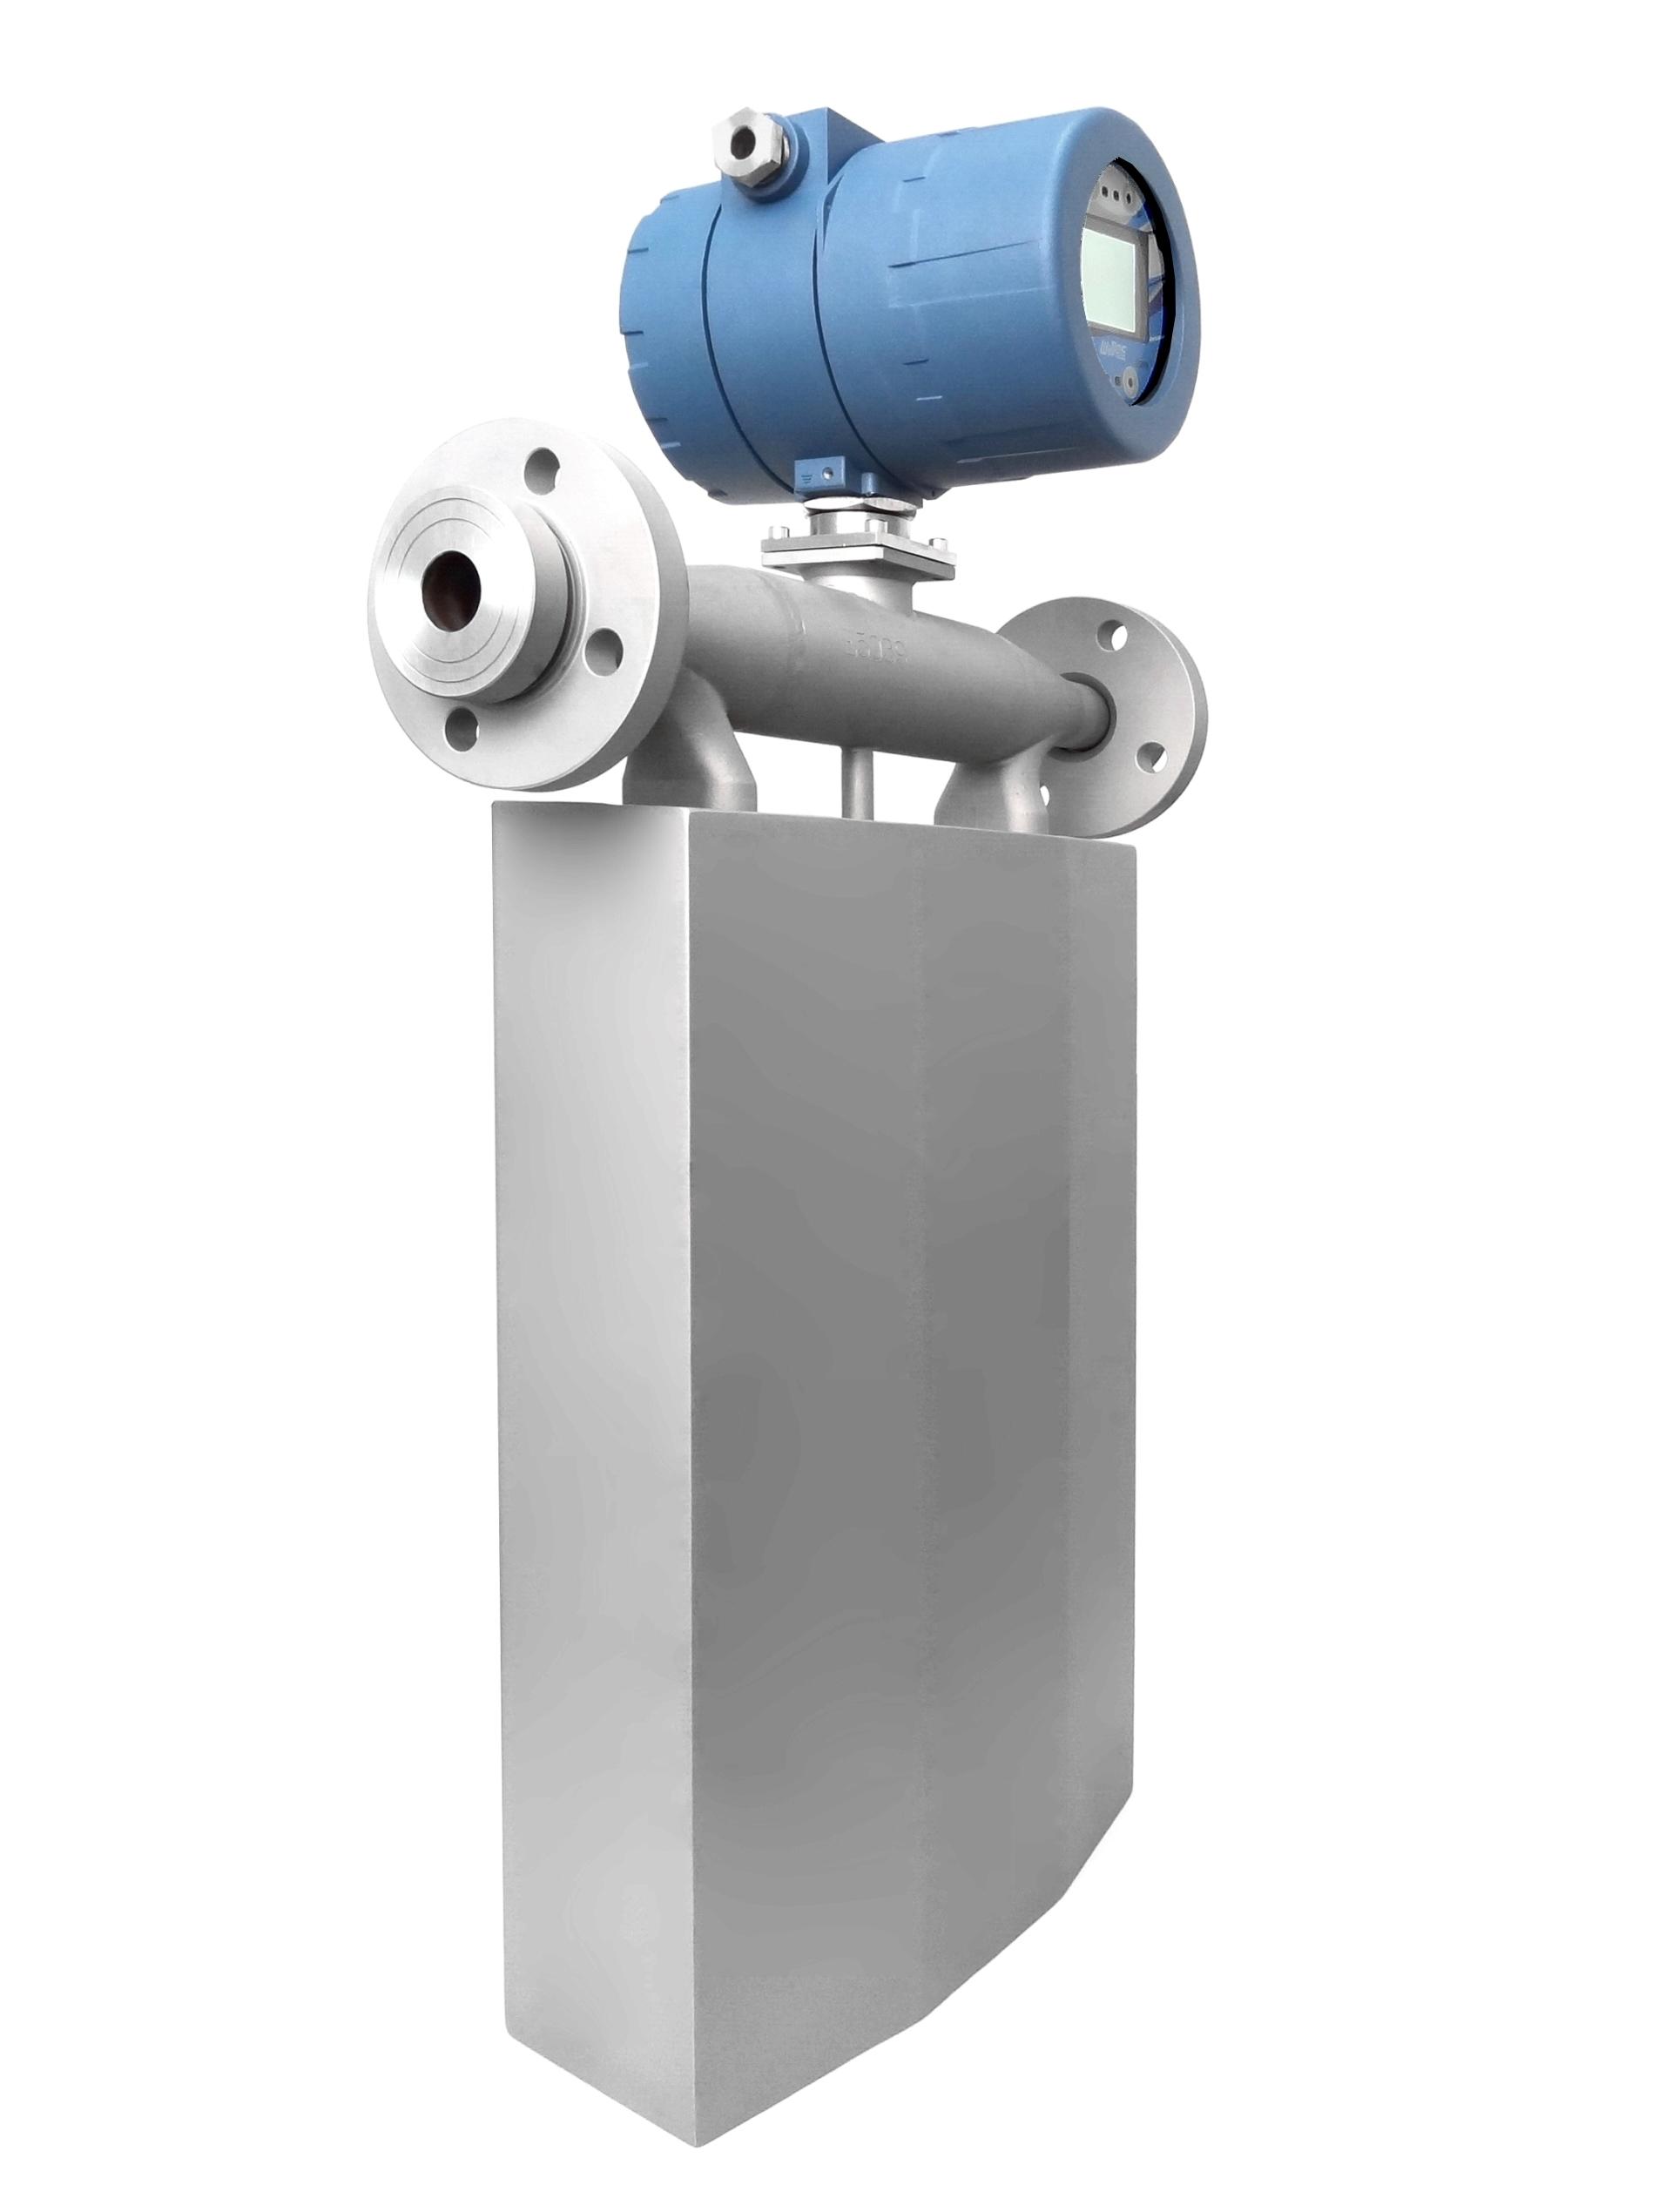 恩普仪表(北京)有限公司 --> 更新日期:2014-4-4 所 在 地:中国大陆 产品型号: 简单介绍:质量流量计是根据科里奥利(Coriolis Force)原理,实现流体质量流量的直接精密测量,而无需任何压力、温度、粘度、密度等换算或修正。其结构是由传感器单元和变送器单元两部分组成。仪表按本质安全防爆型的国家标准设计与制造,防爆标志为Exdib[ib]IIBT5,科里奥利质量流量计能够直接测量流体的质量,具有高精度(0.